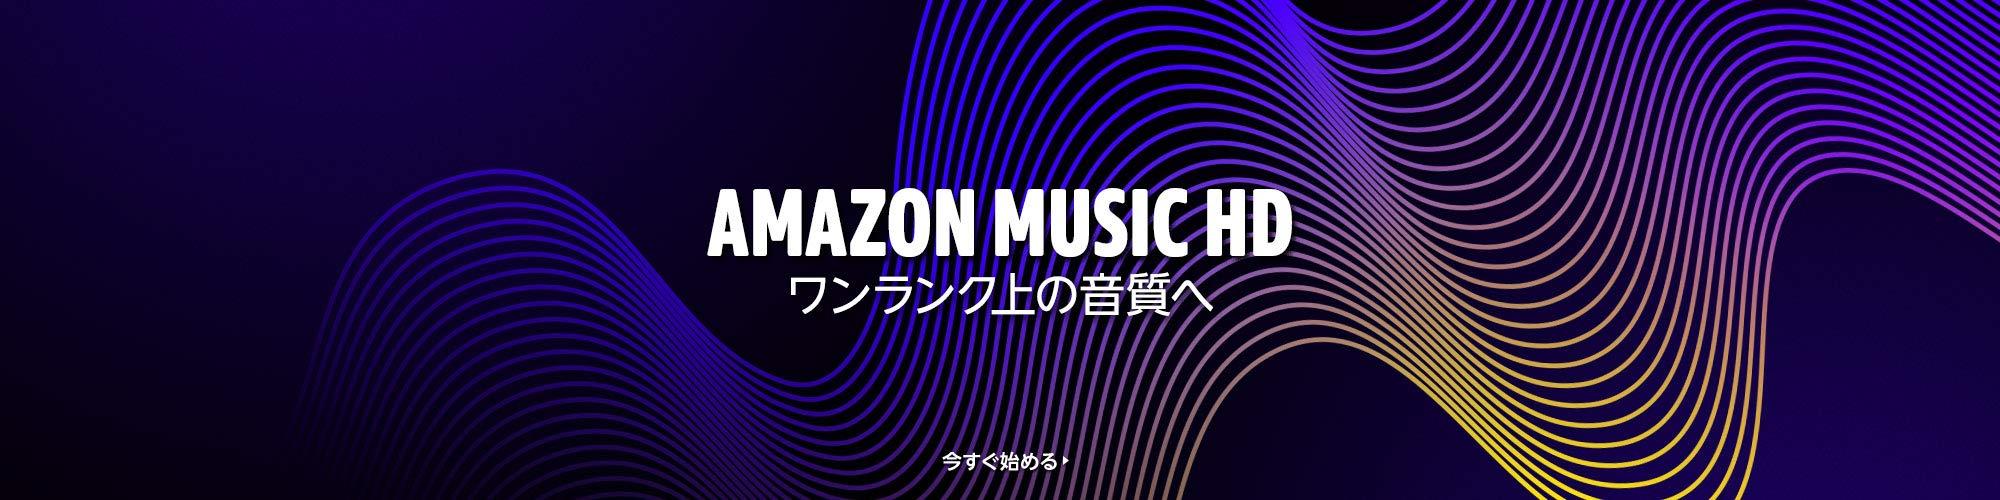 AMAZON MUSIC HDが90日間無料